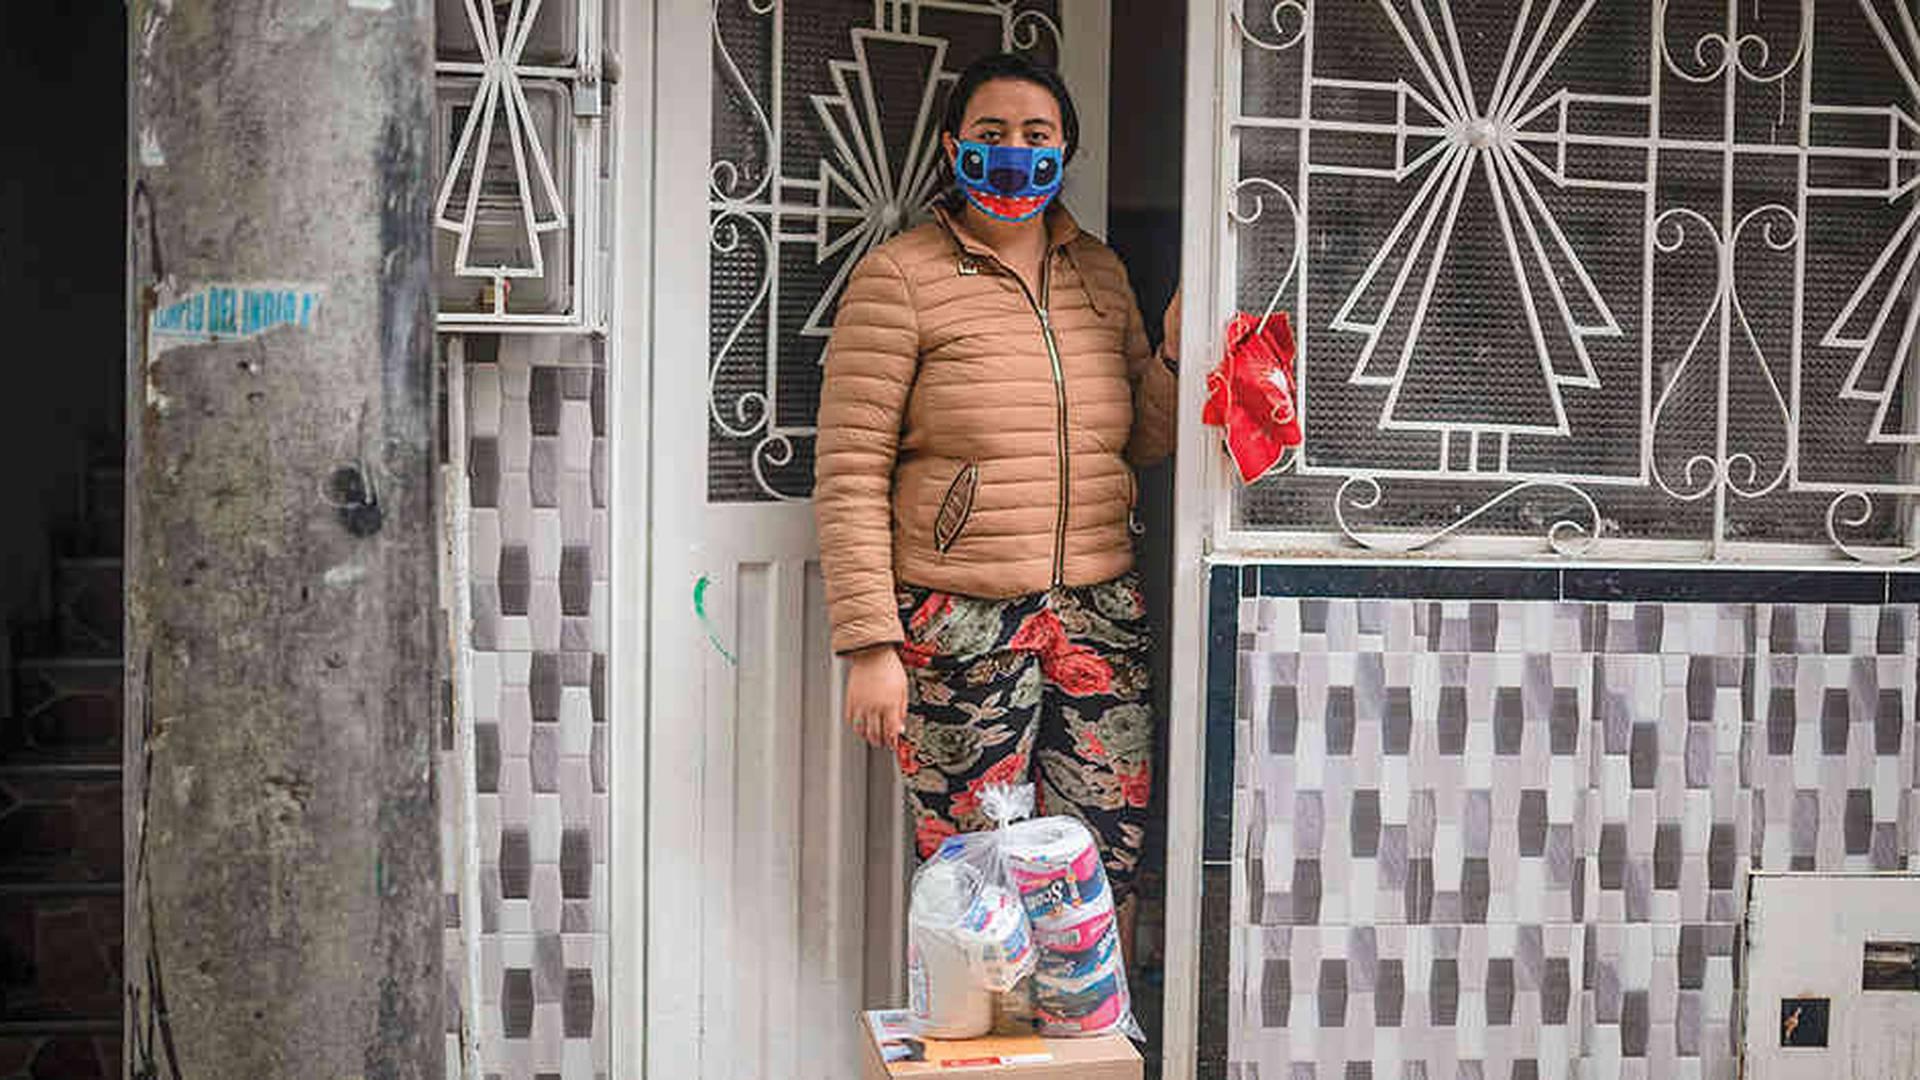 La pandemia trajo consigo un impacto social sin precedentes para los hogares.